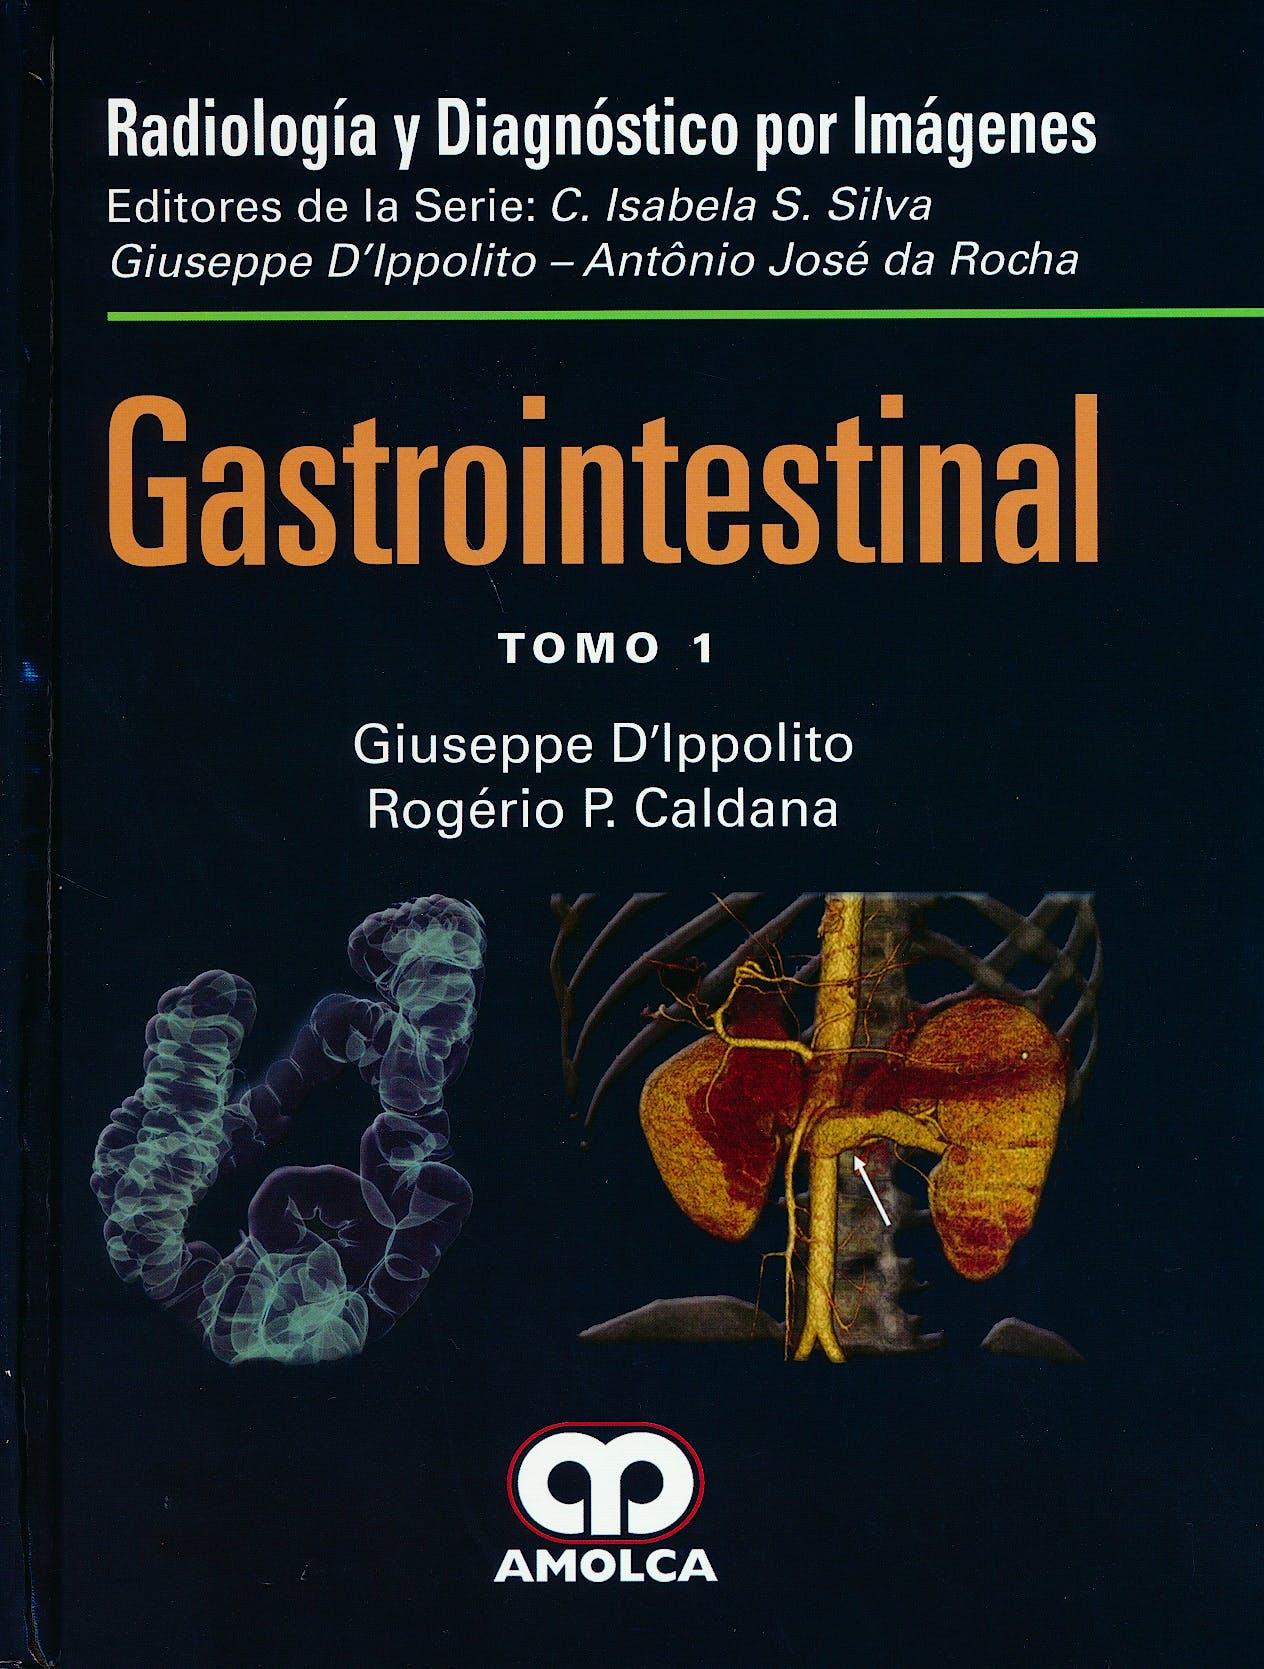 Portada del libro 9789585911383 Gastrointestinal, 2 Vols. (Radiología y Diagnóstico por Imágenes)